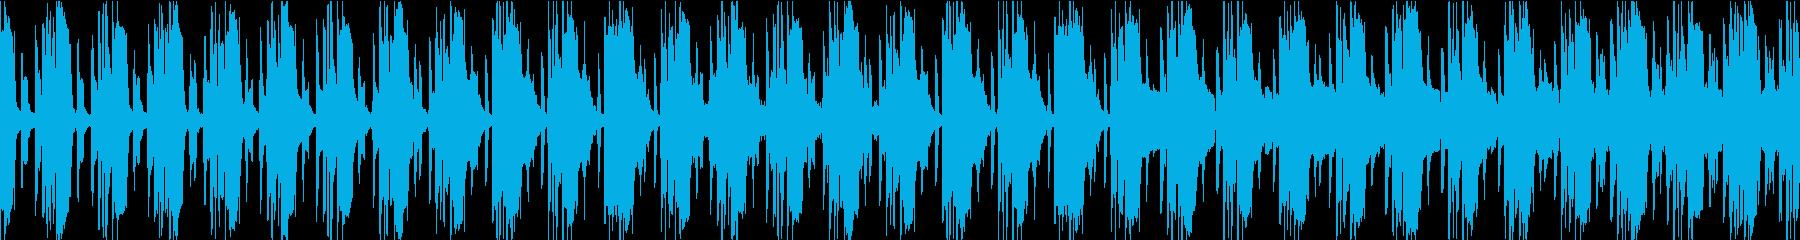 ずっしり響くピアノ&ギターの再生済みの波形